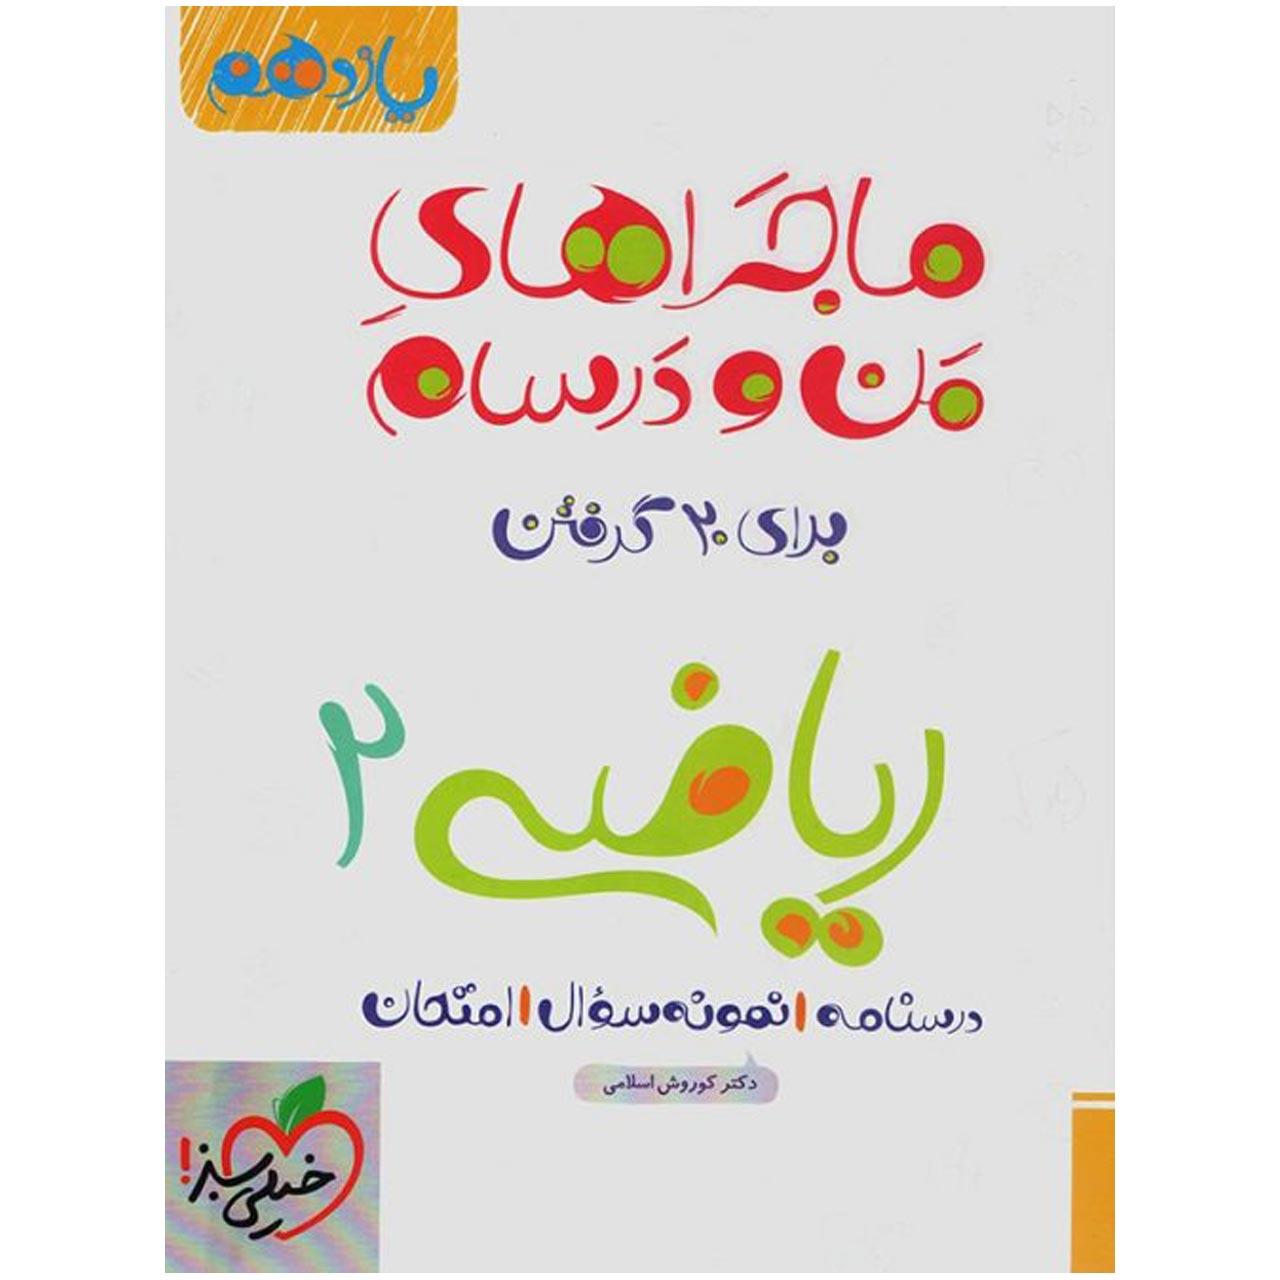 کتاب ماجرا ریاضی پایه یازدهم تجربی اثر کوروش اسلامی